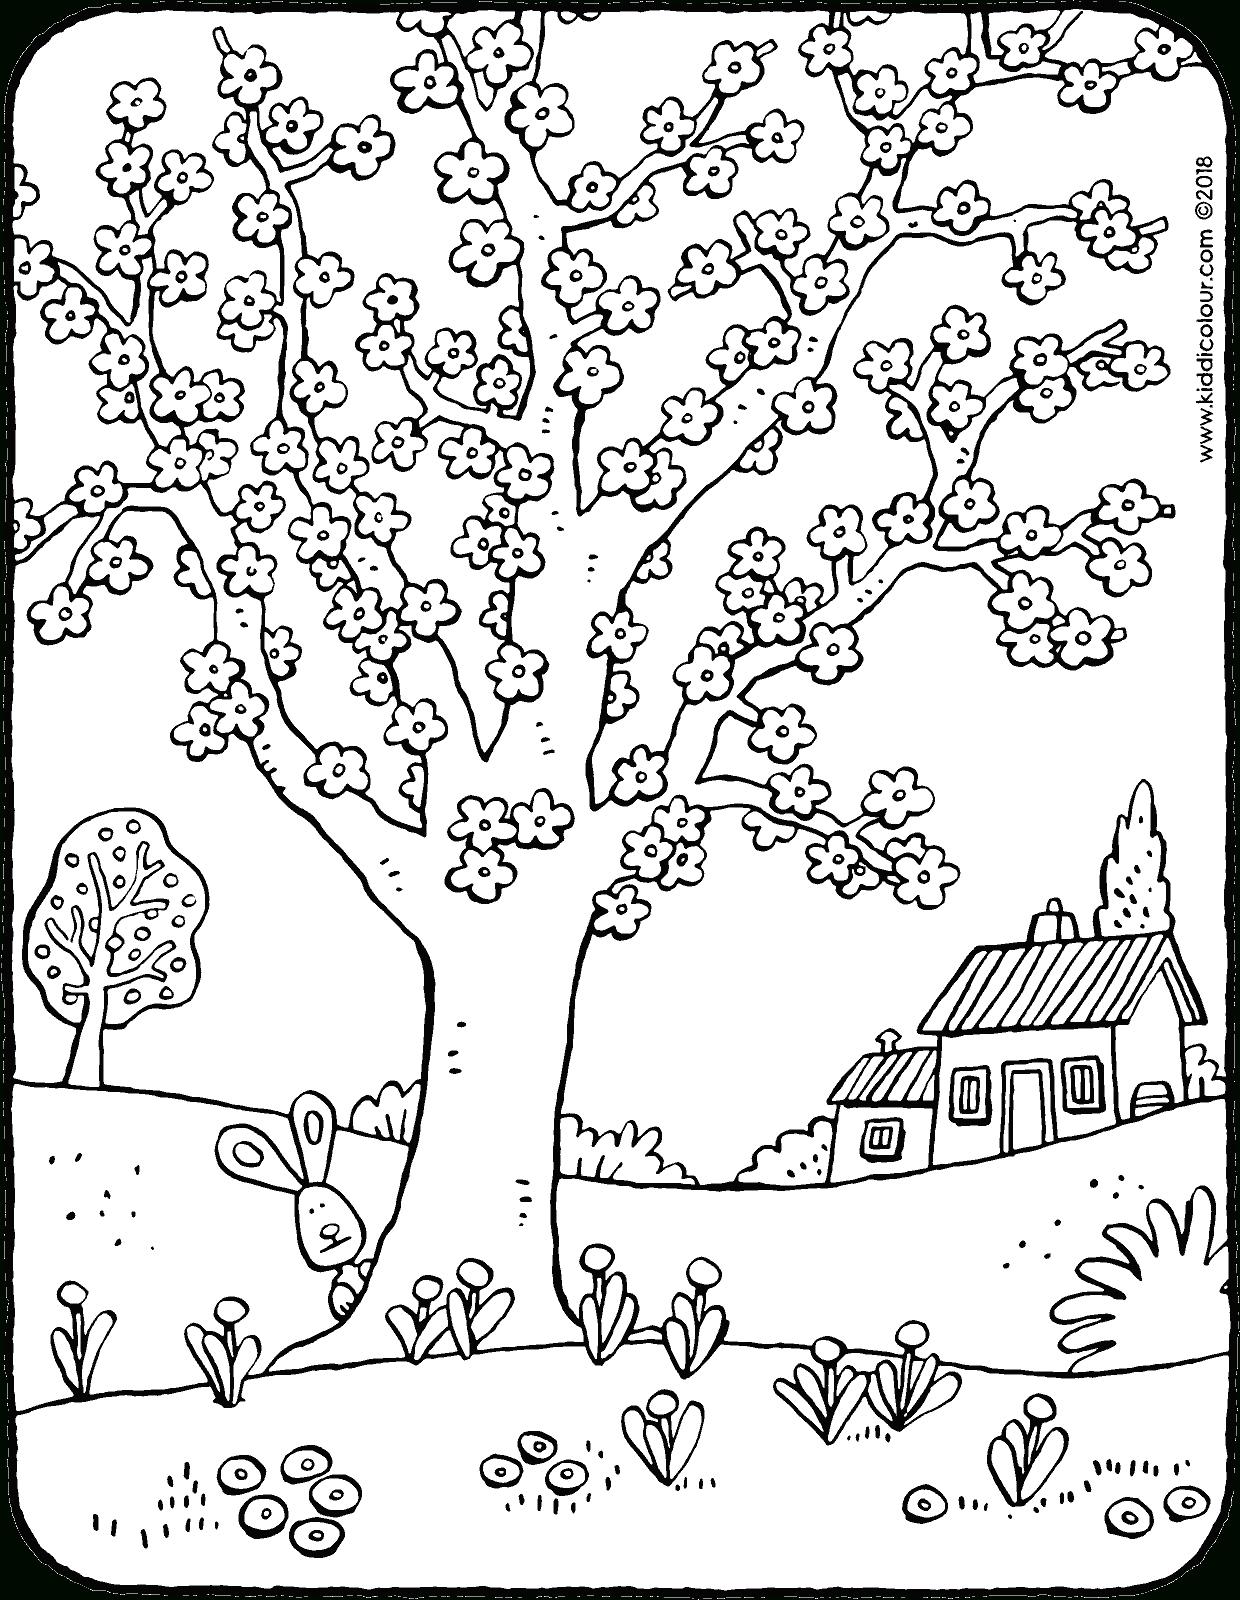 Baum Voller Blüten - Kiddimalseite über Malvorlagen Baum